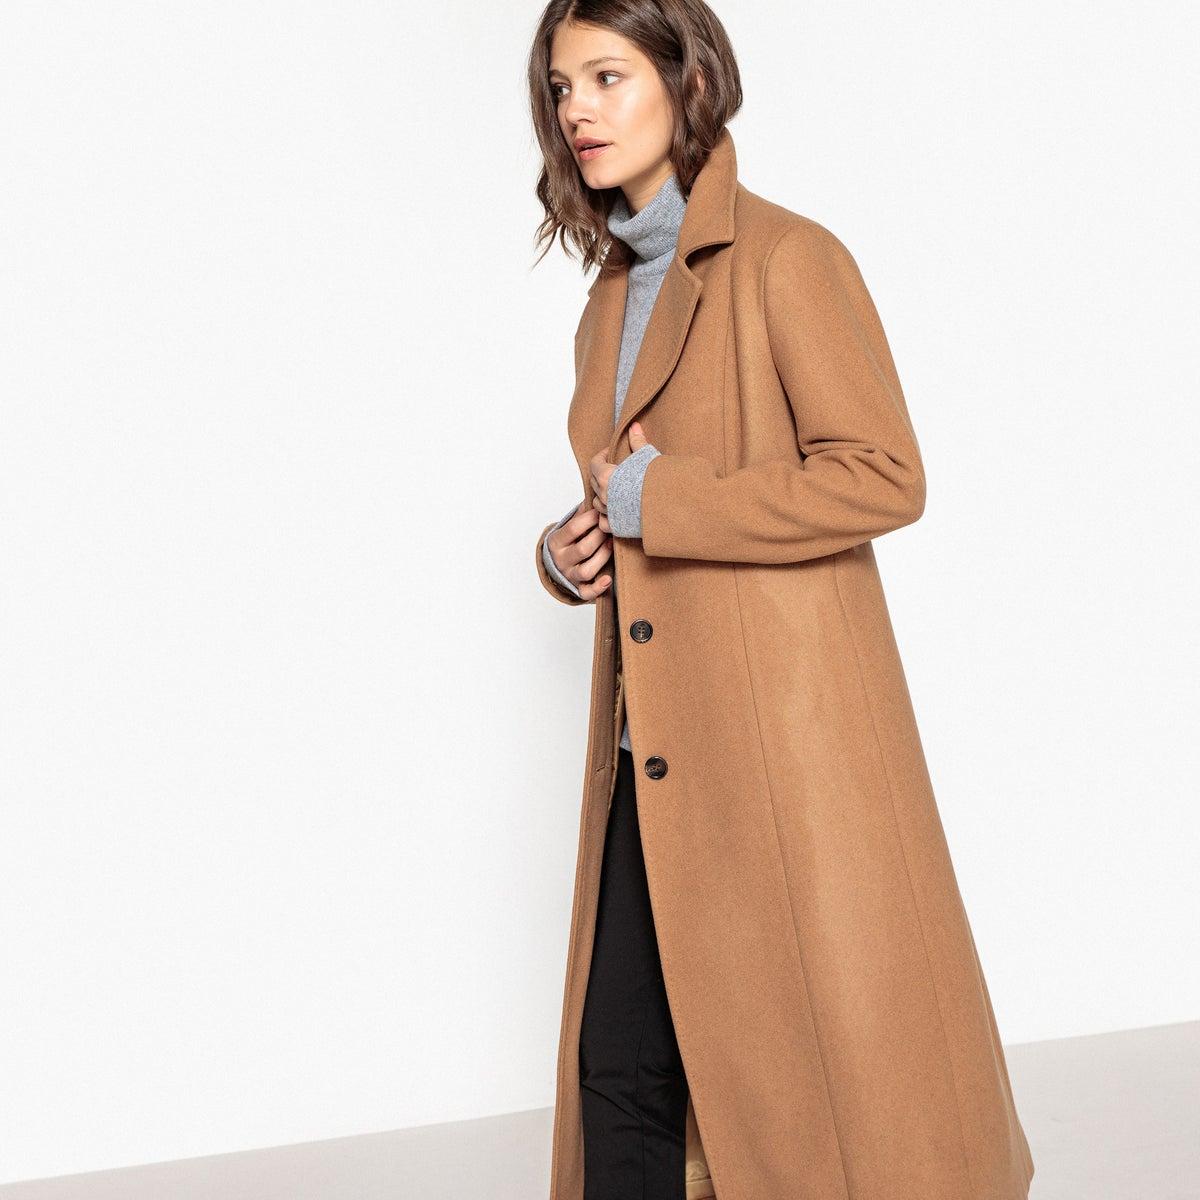 74779deada4 Длинное пальто из шерстяного драпа CL000016928639 - цена 4850 руб ...